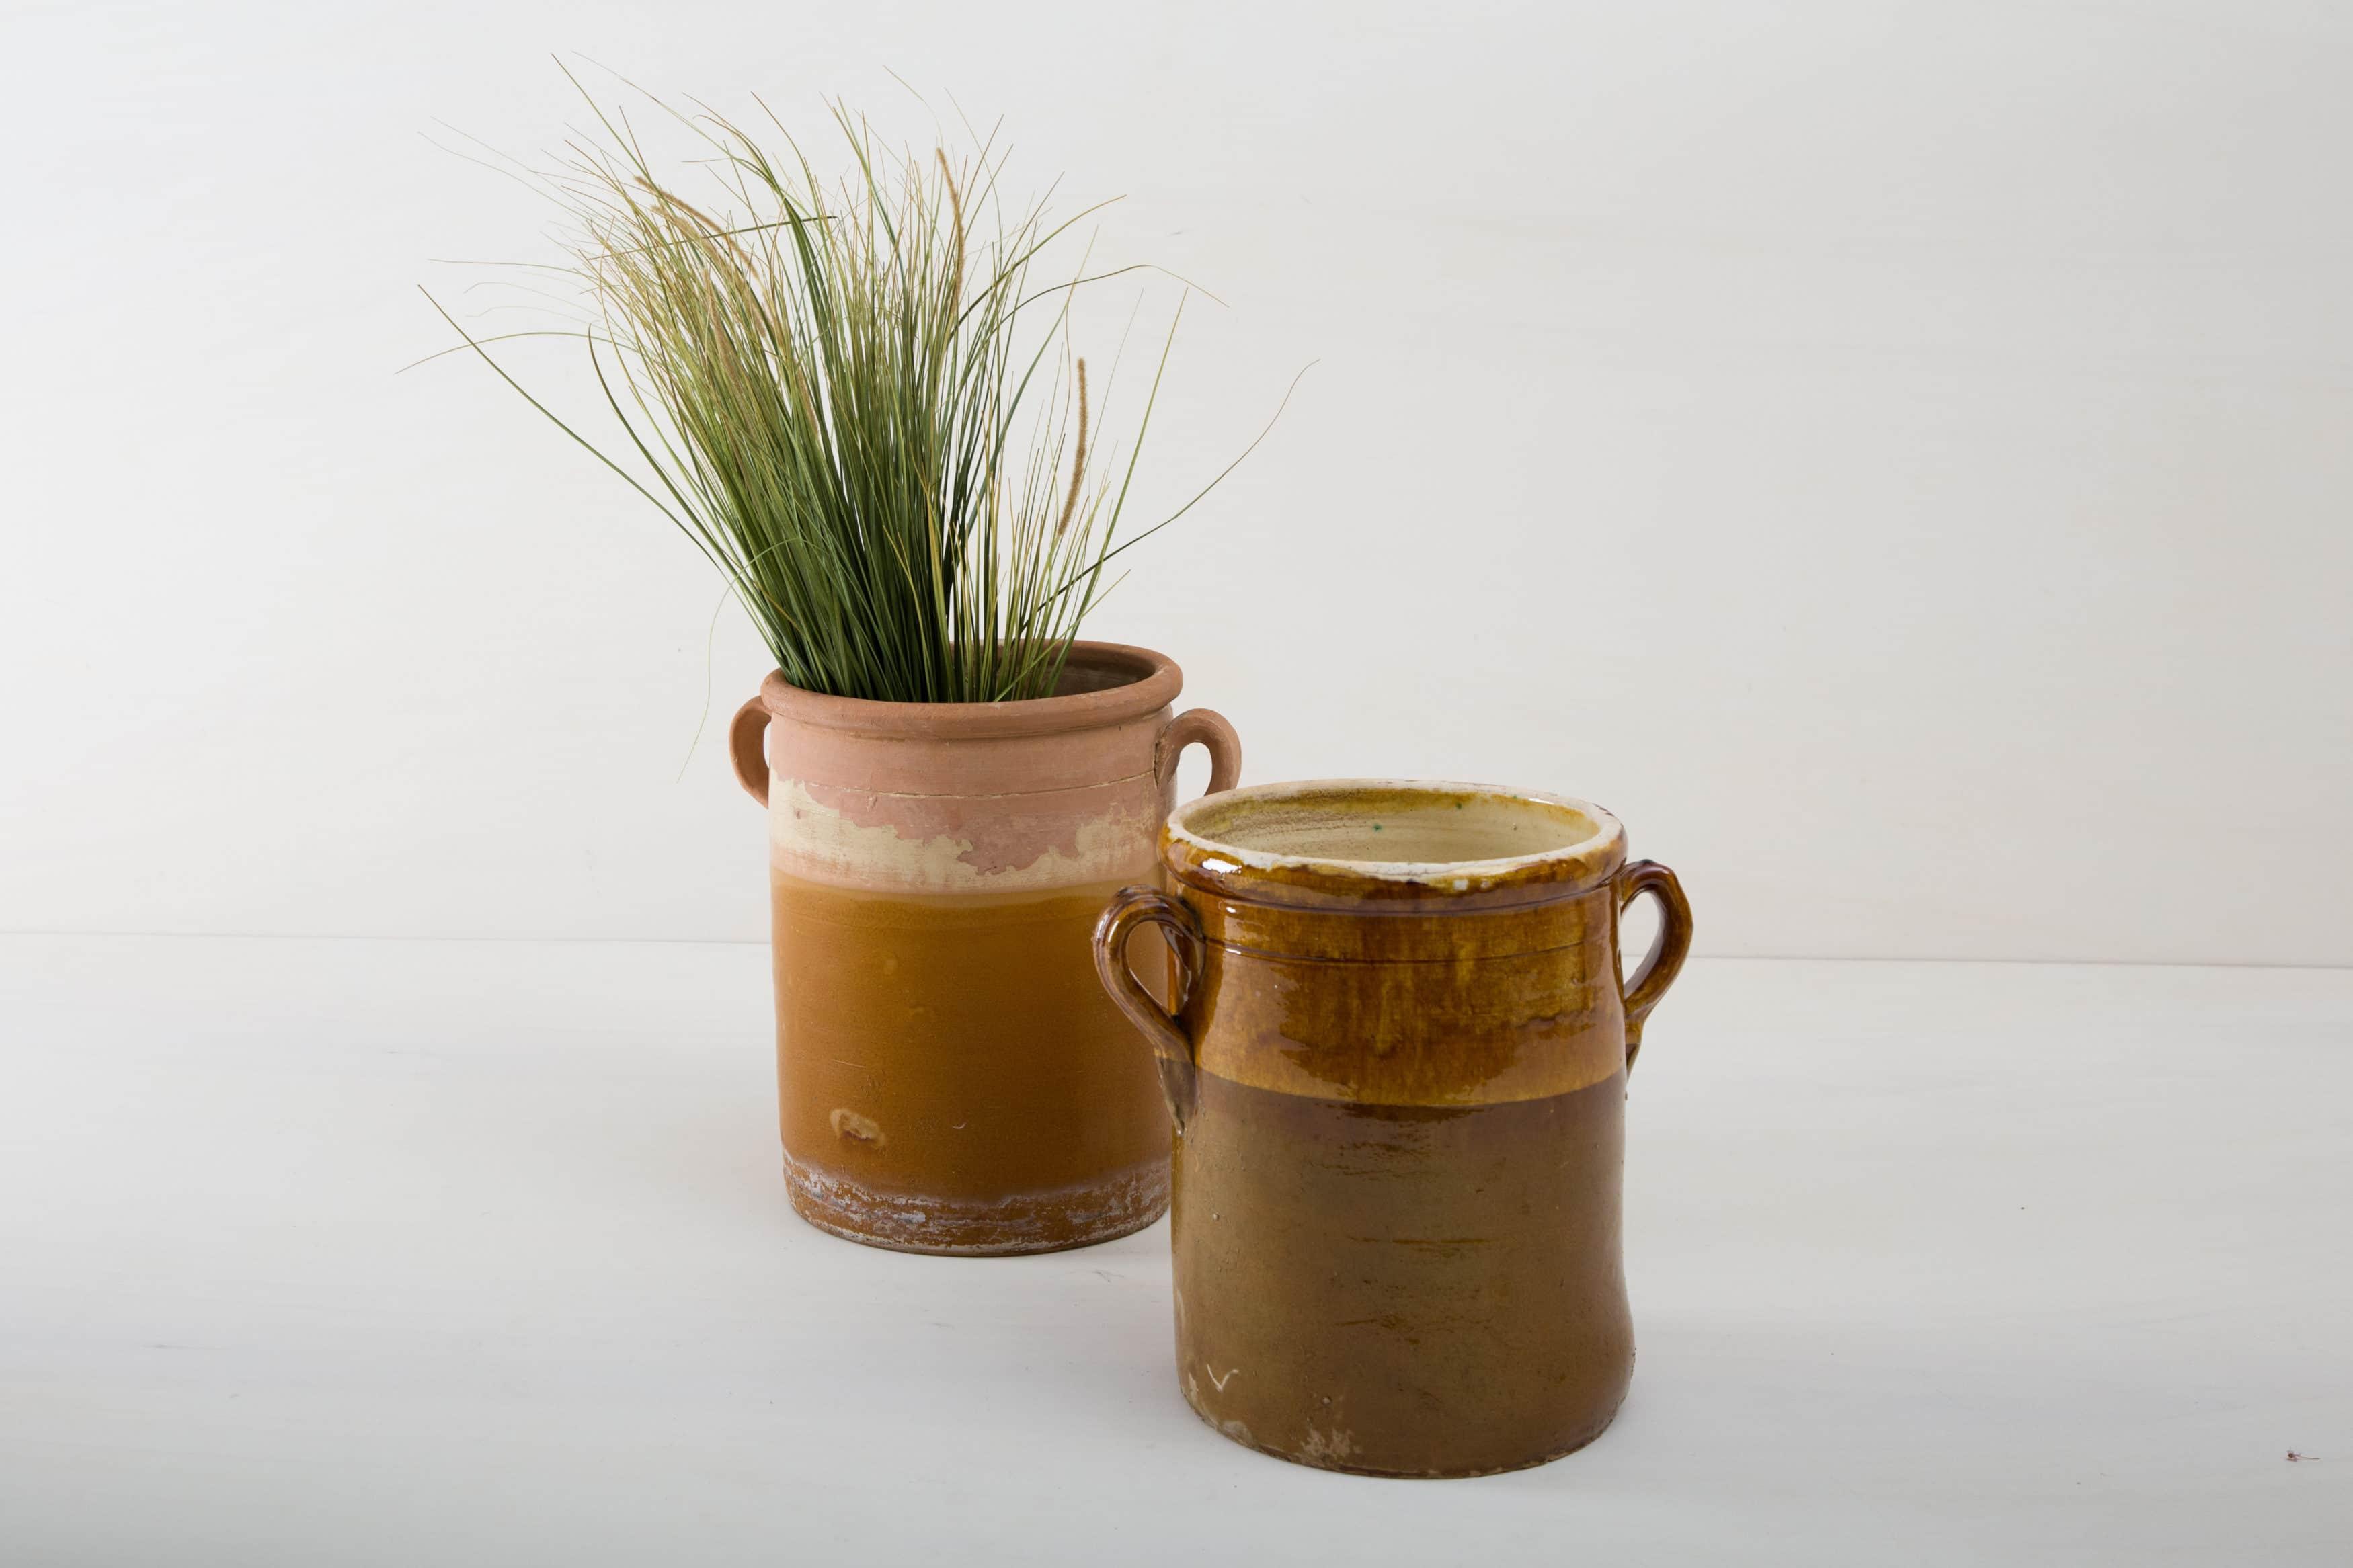 Vintage Vase Italien mieten. Tontopf mit Pampagras